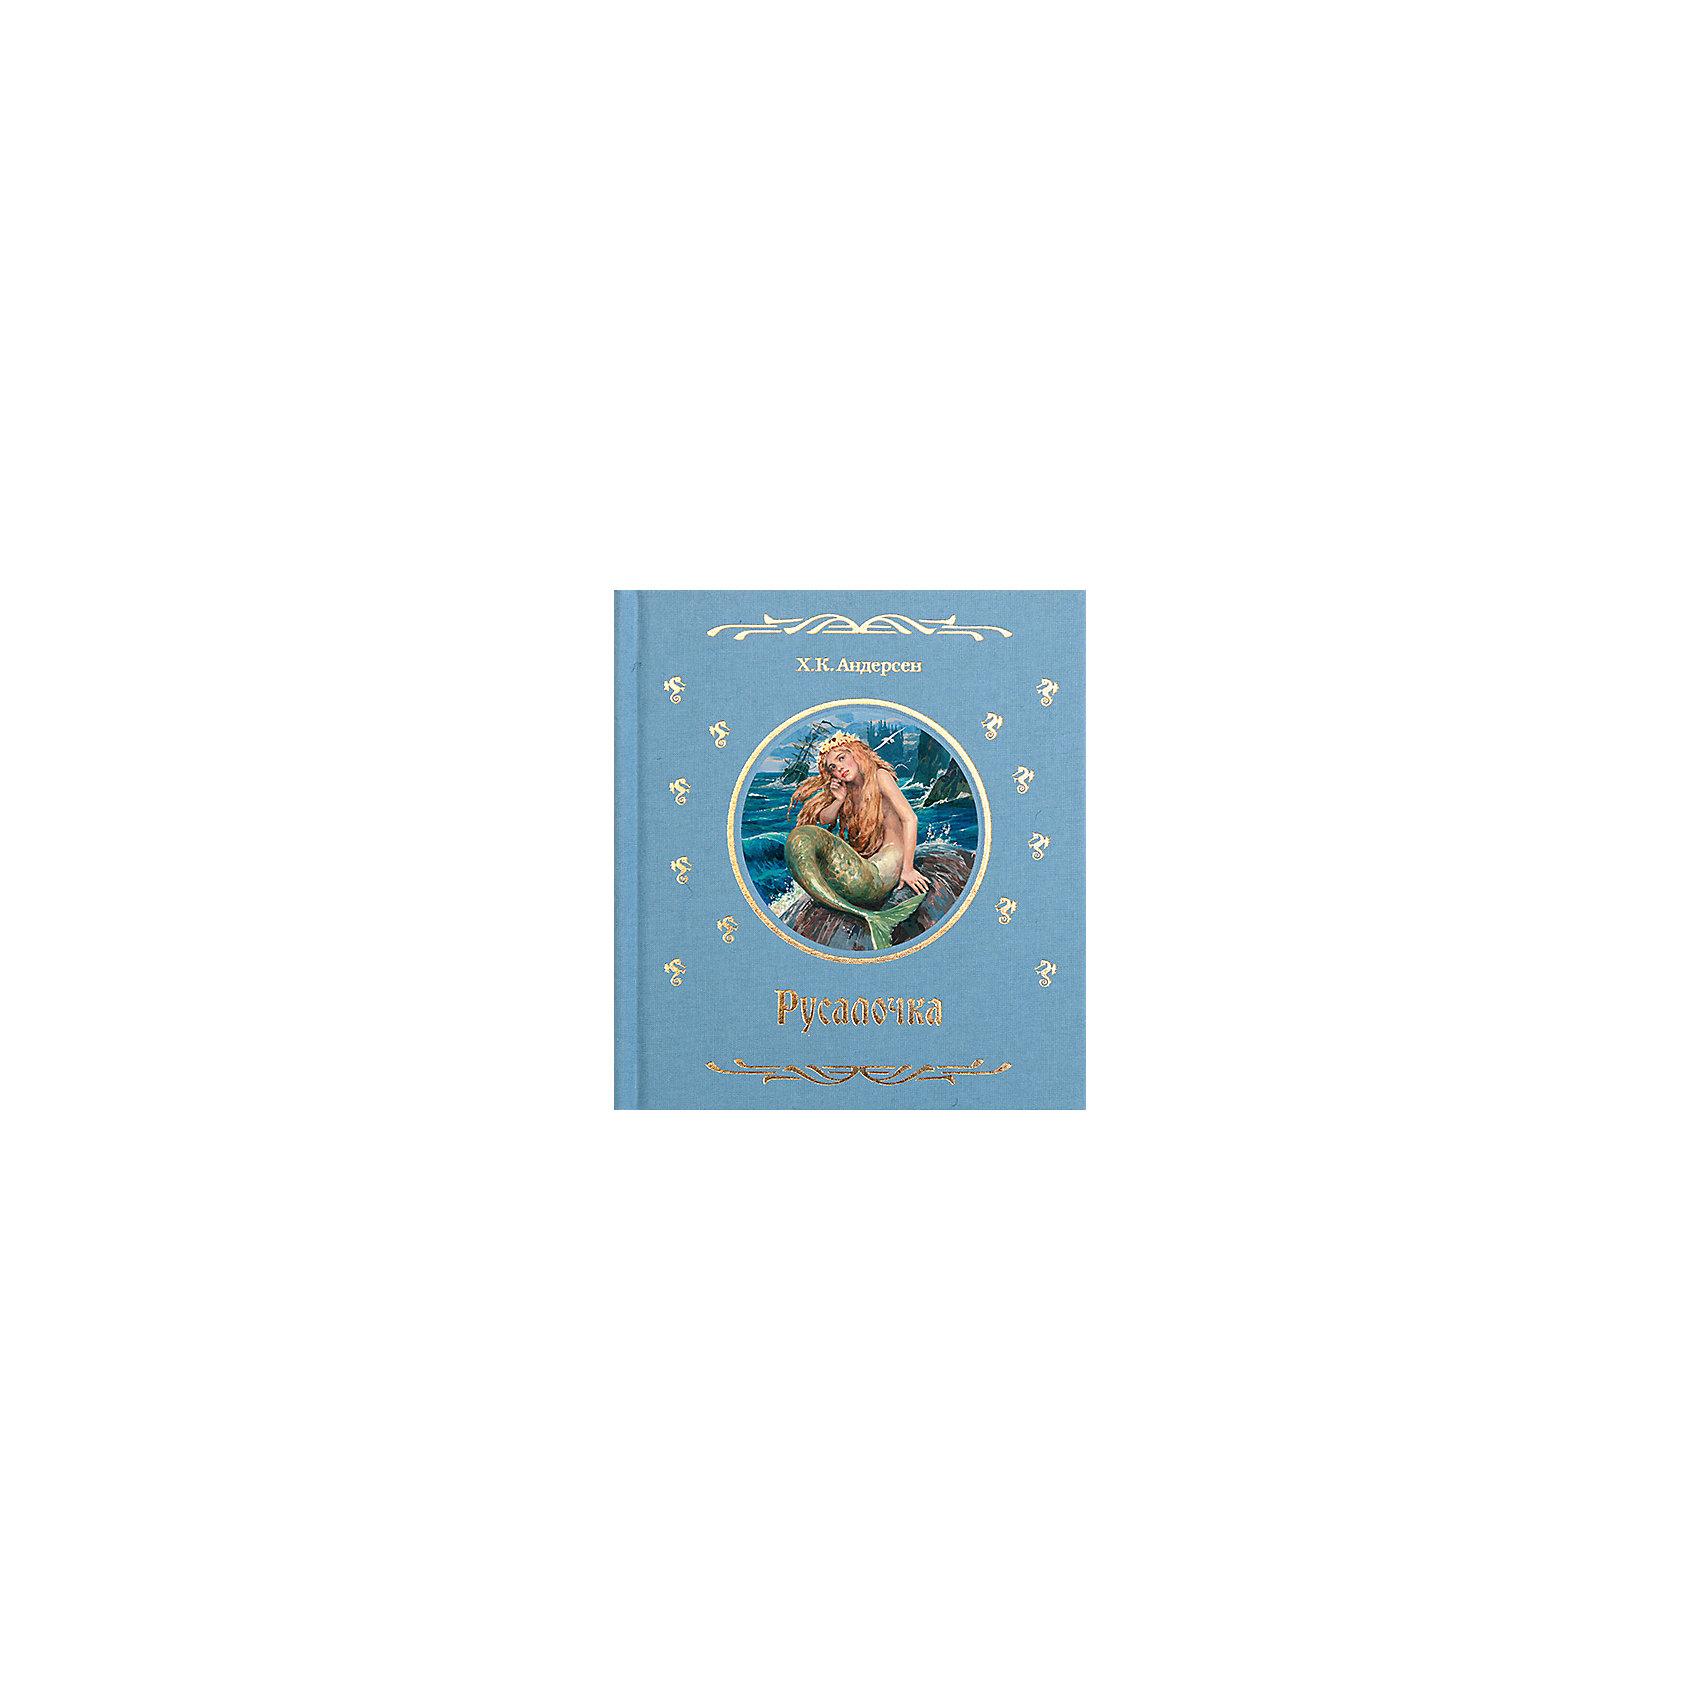 Русалочка, Х.К. АндерсенЗарубежные сказки<br>Русалочка - это произведение Великого датского сказочника Ханса Кристиана Андерсена. Его удивительные и чудесные истории не всегда хорошо кончаются, но они учат добру и человечности. Русалочка - это грустная, но светлая сказка о нежной любви и настоящей верности.<br><br>Дополнительная информация:<br><br>Автор: Ханса Кристиана Андерсена;<br>Формат: 16х14,5 см;<br>Переплет: твердый переплет;<br>Иллюстрации: цветные;<br>Страниц: 96;<br>Вес: 260 г.;<br>Производитель: Махаон, Россия.<br>Год выпуска: 2008г.<br><br>Произведение  Ханса Кристиана Андерсена  Русалочка можно купить в нашем магазине.<br><br>Ширина мм: 160<br>Глубина мм: 145<br>Высота мм: 30<br>Вес г: 260<br>Возраст от месяцев: 36<br>Возраст до месяцев: 72<br>Пол: Унисекс<br>Возраст: Детский<br>SKU: 4725994